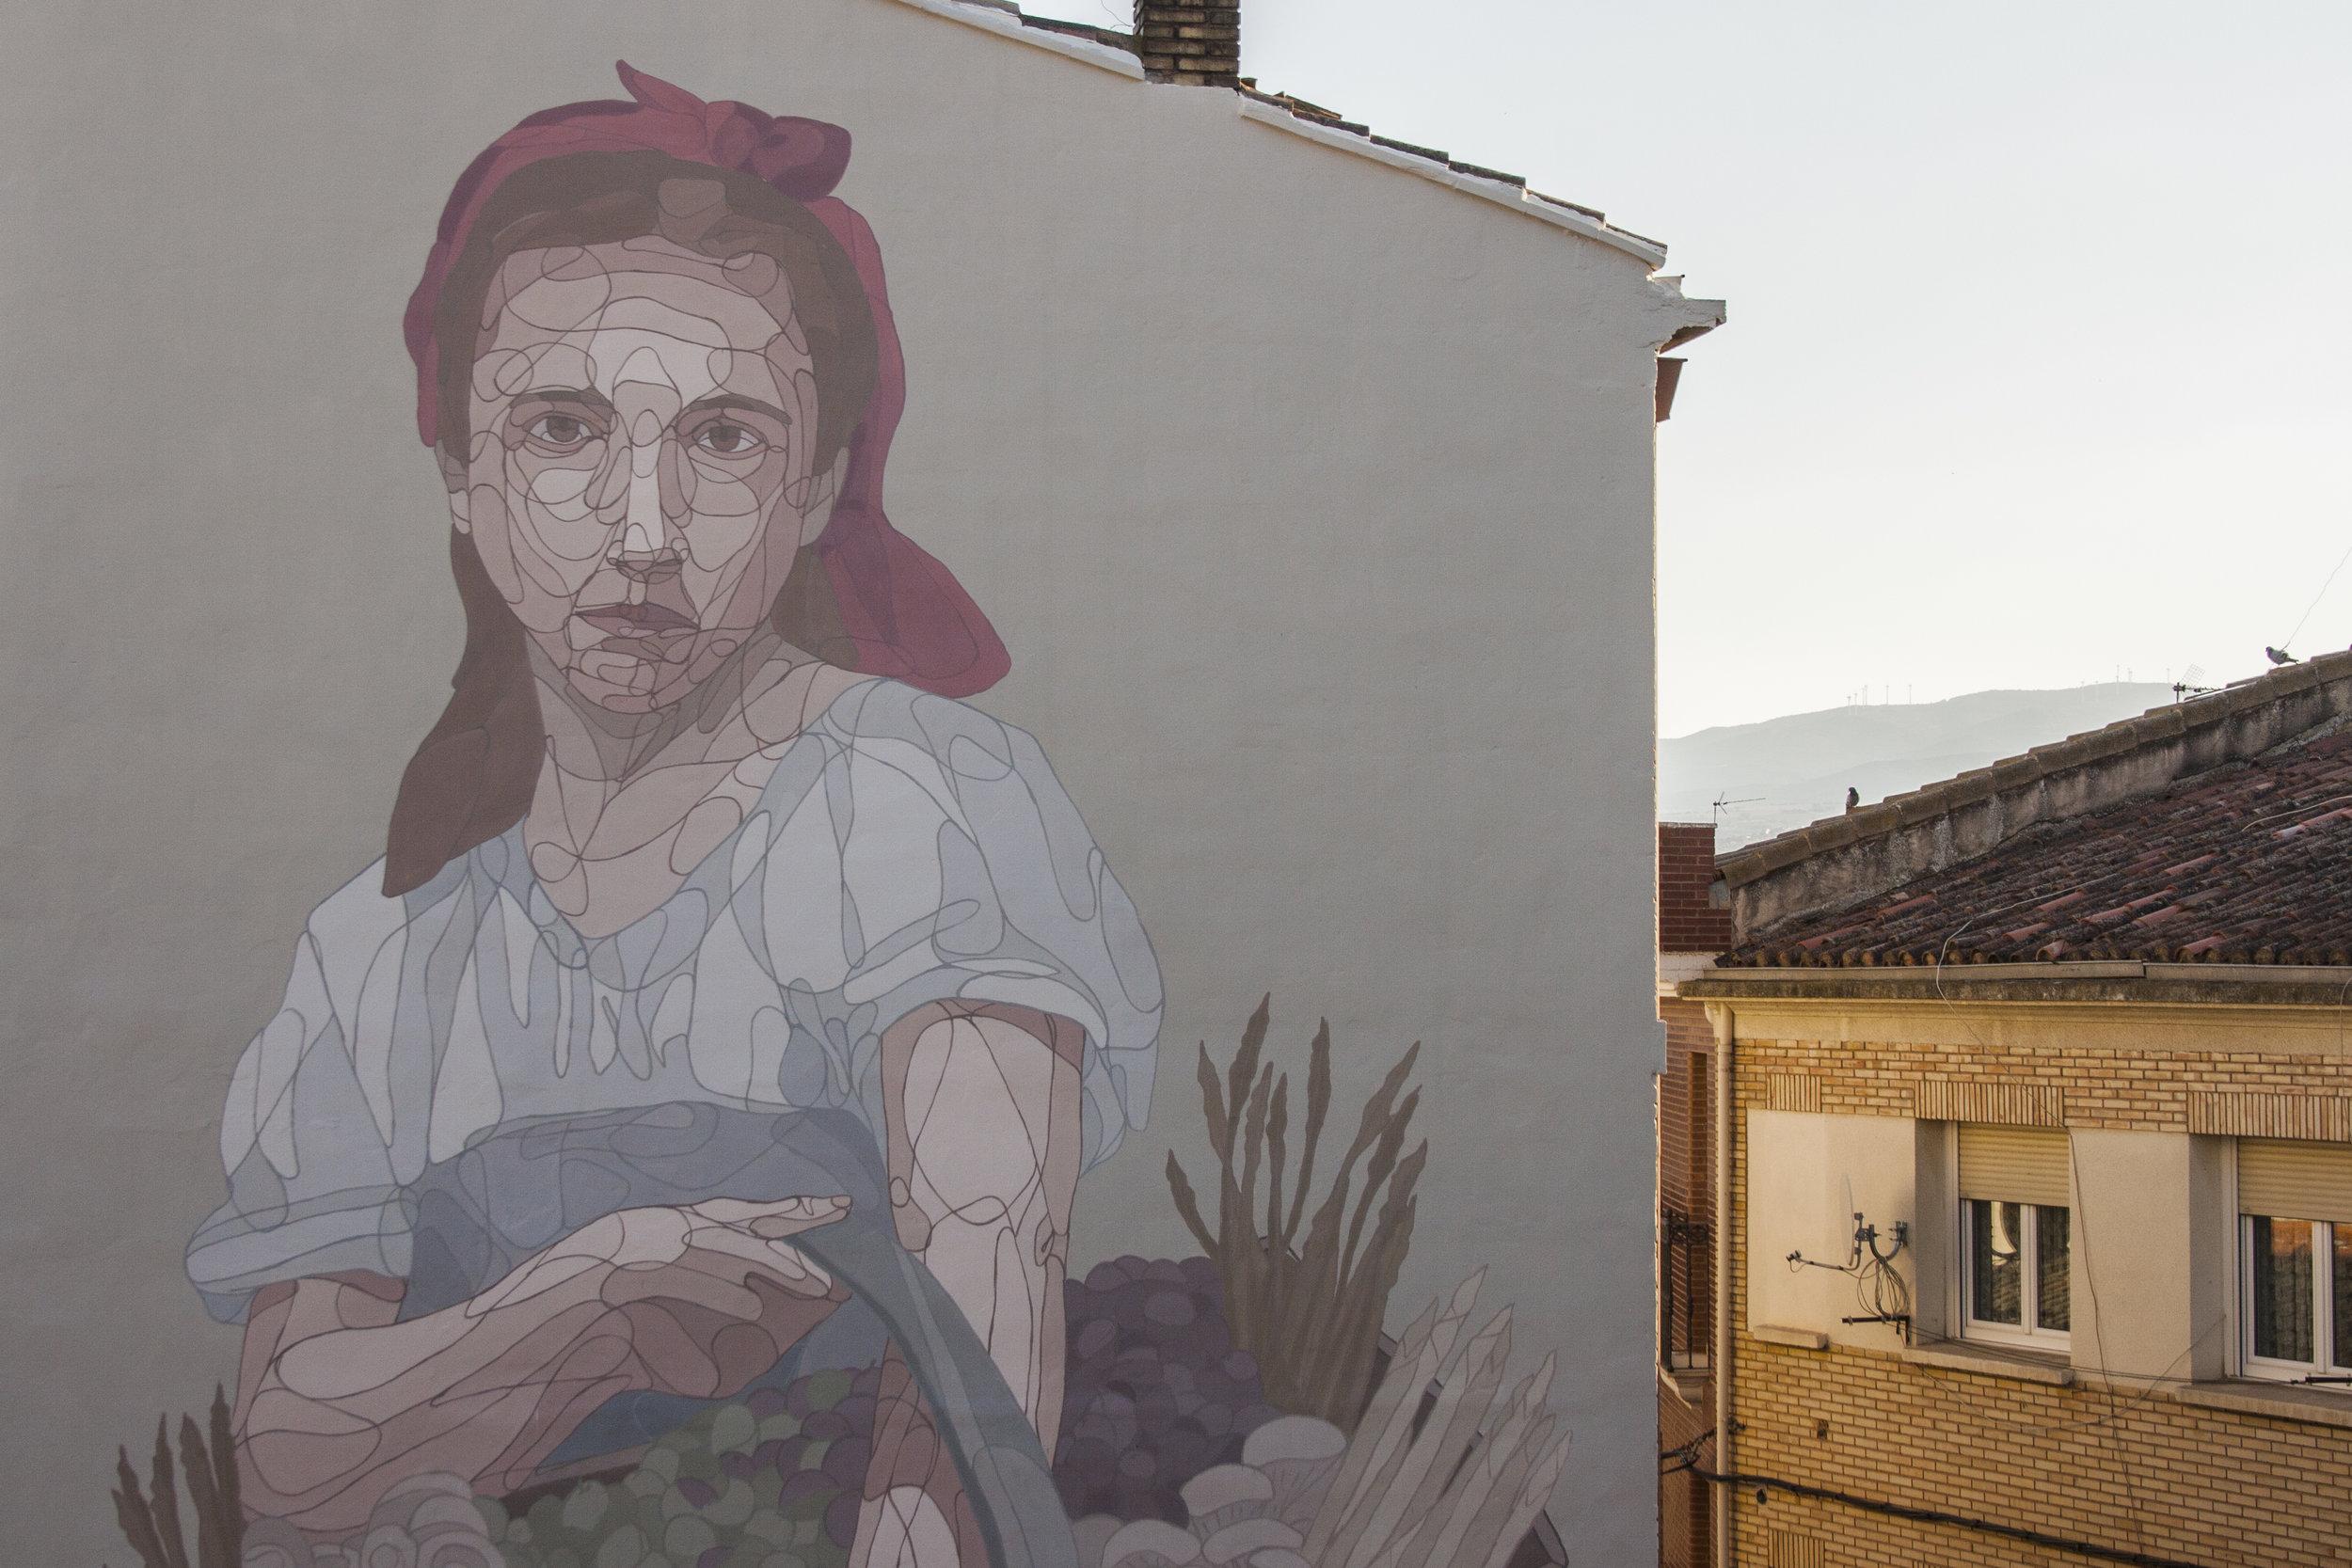 Pradejón, La Rioja. Spain 2019